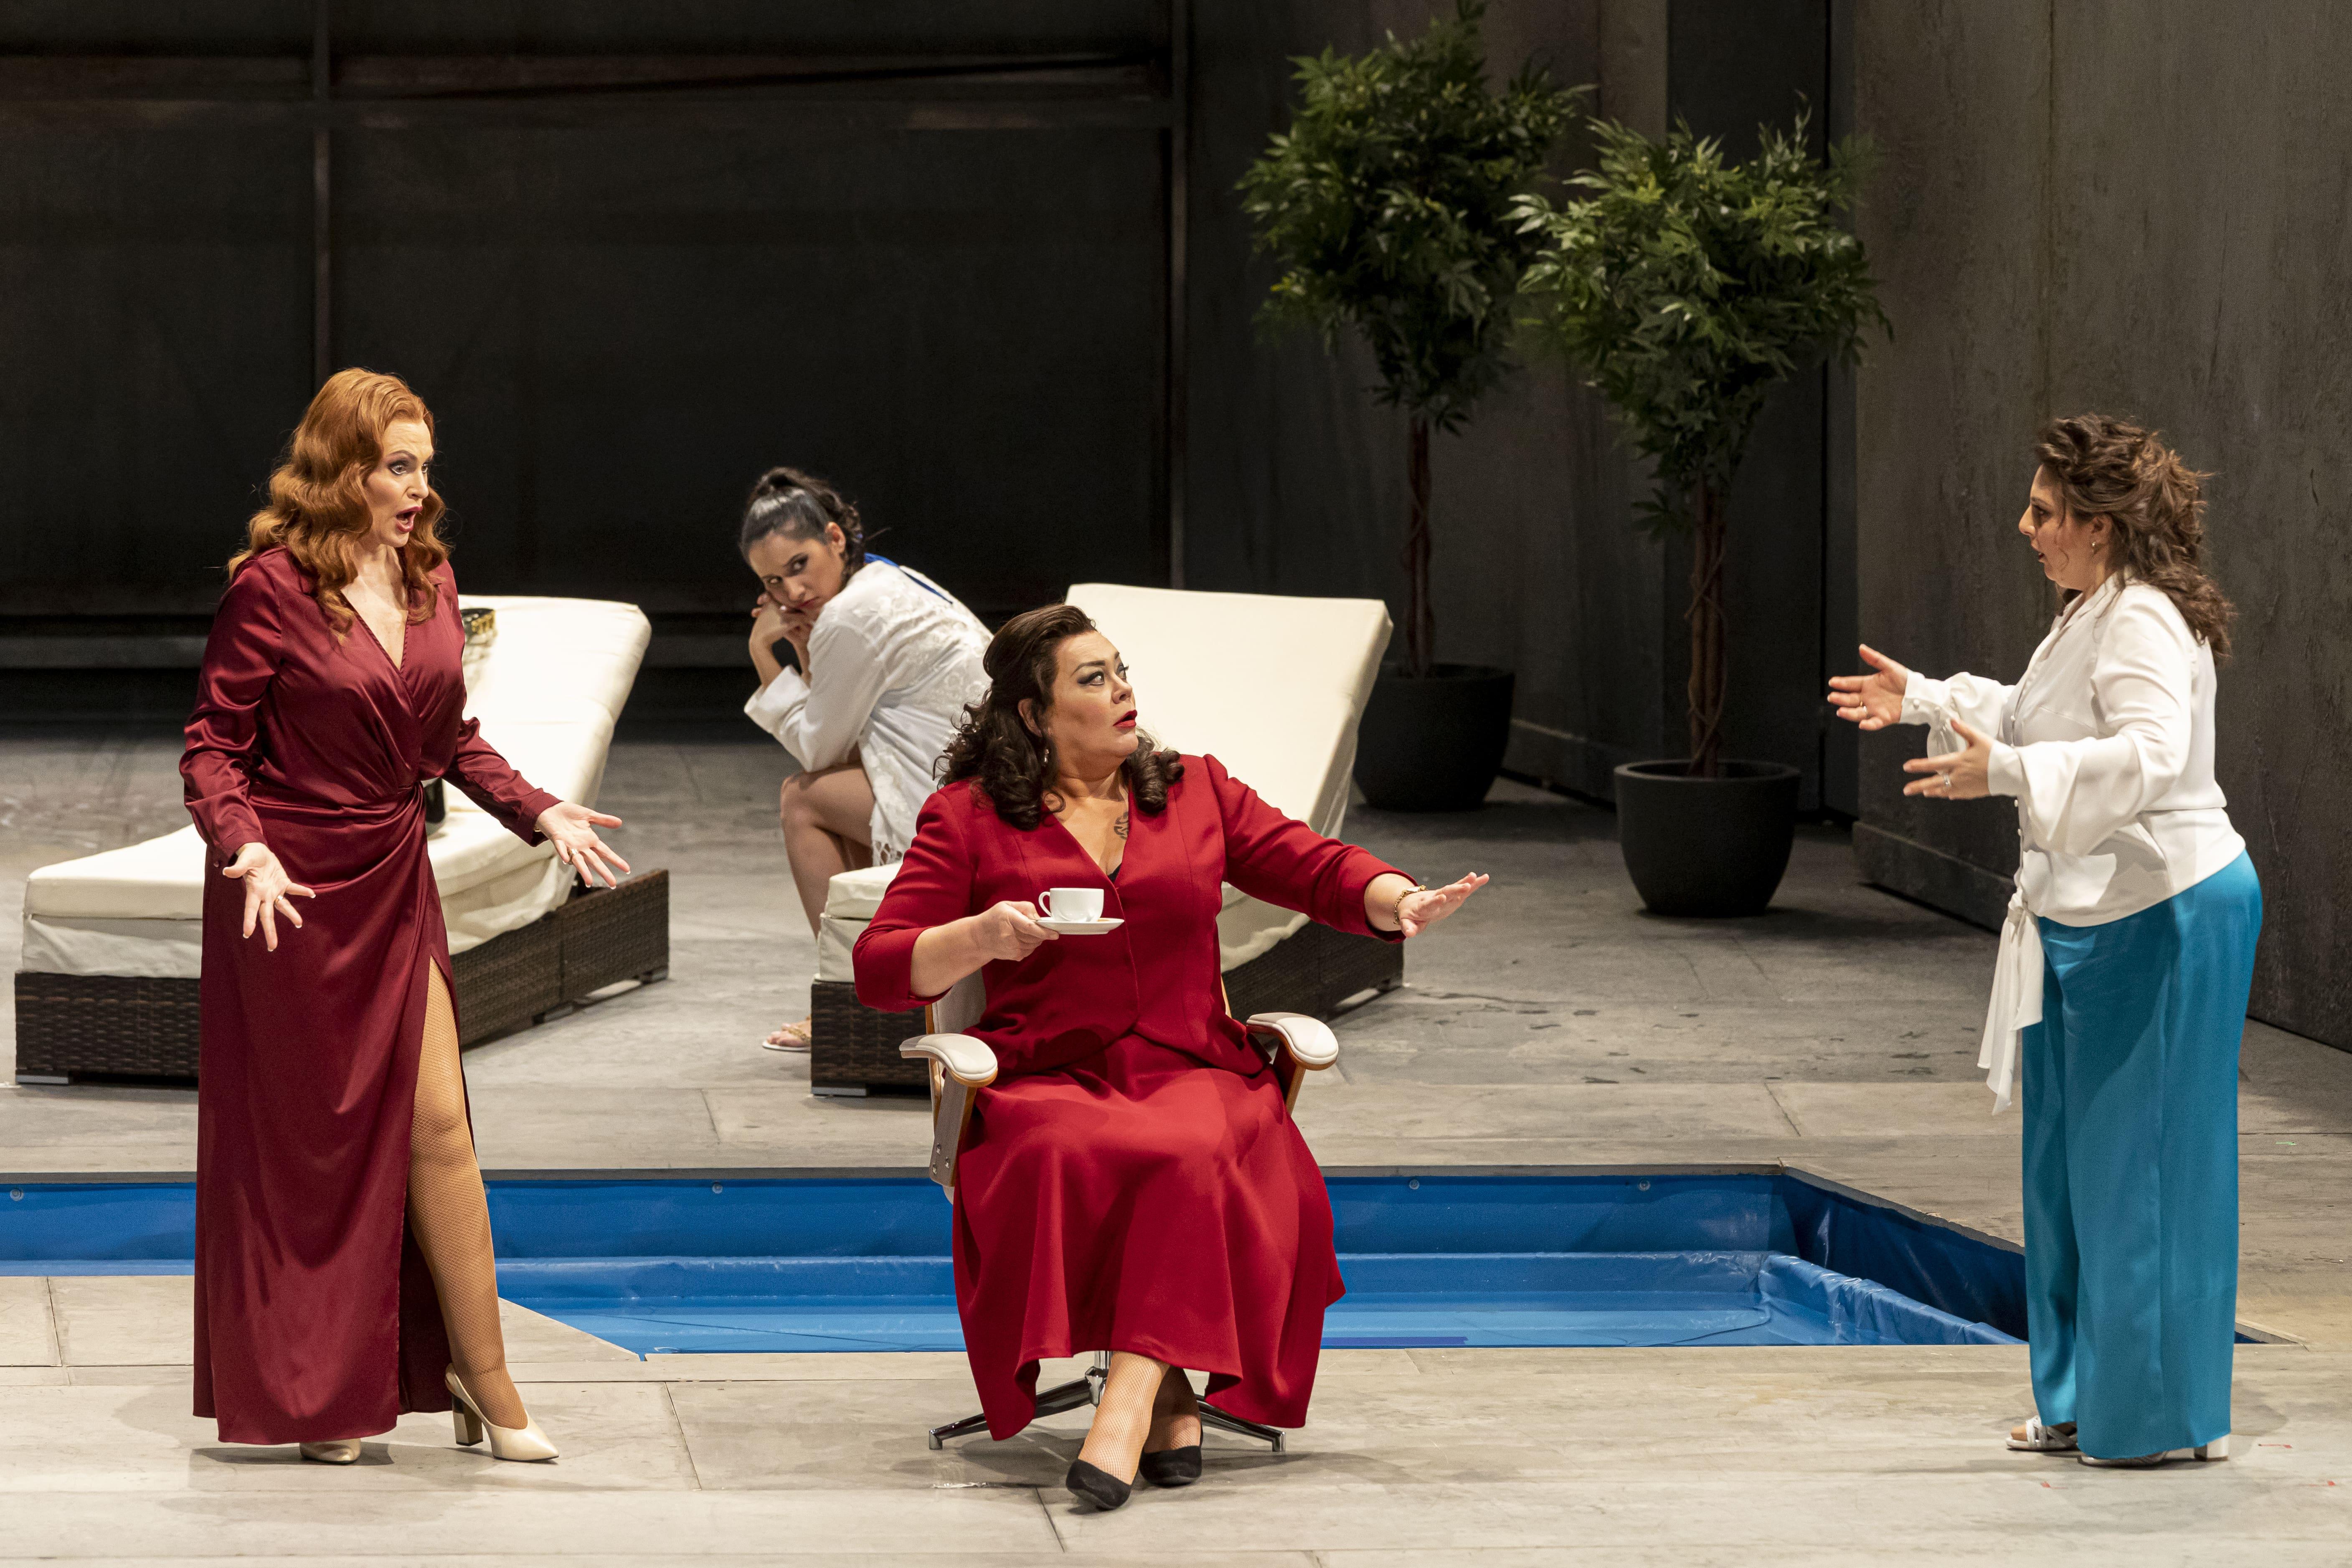 """Les Arts estrena """"Falstaff"""", de Verdi, amb Ambrogio Maestri com a protagonista sota la direcció musical de Daniele Rustioni"""